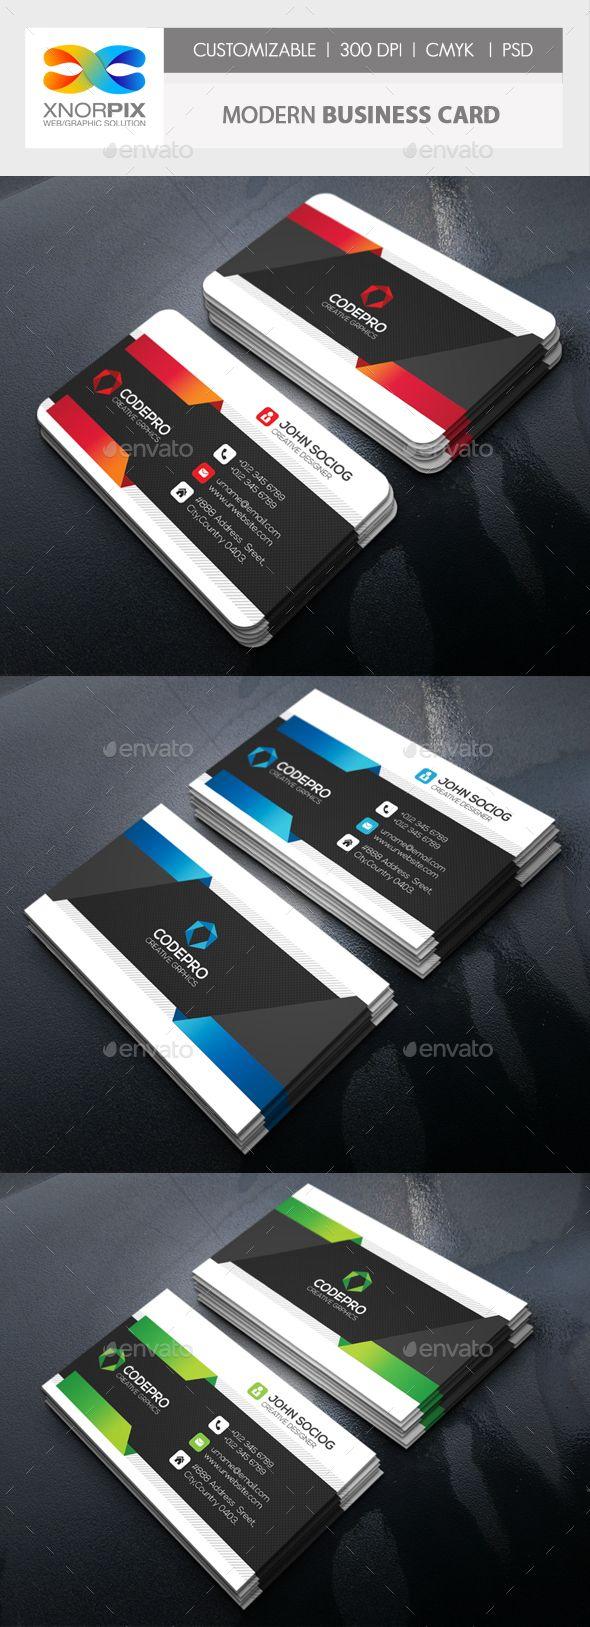 Modern Business Card Modern Business Cards Cheap Business Cards Printing Business Cards